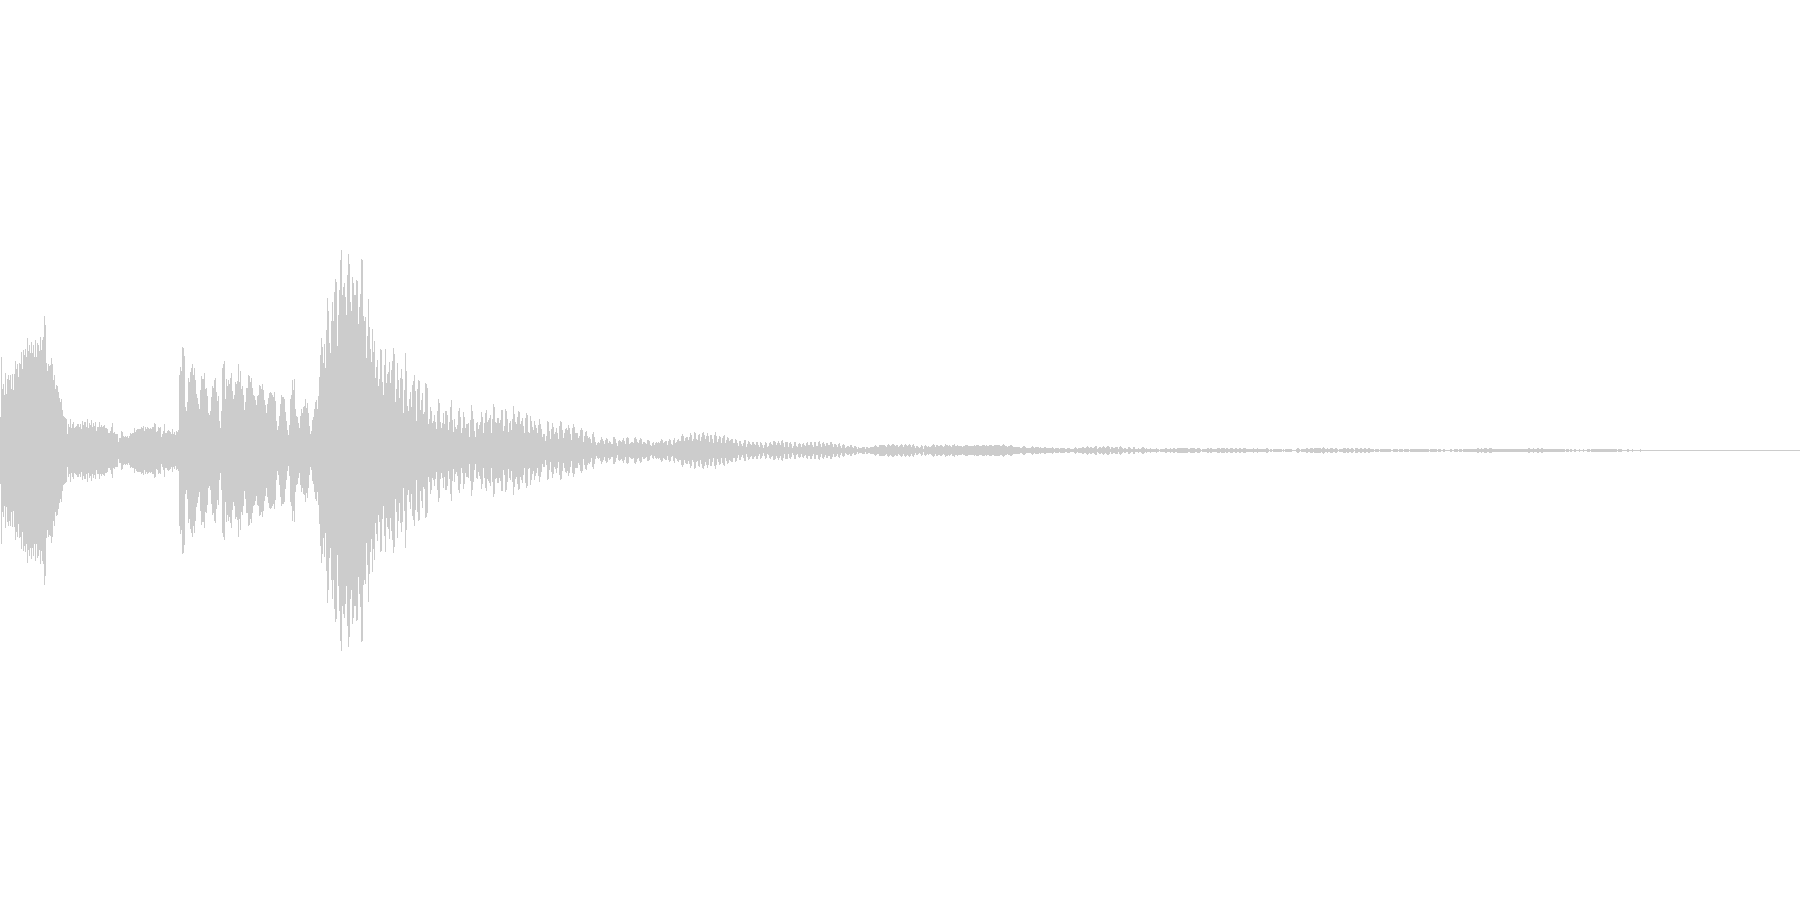 高めの音の効果音の未再生の波形